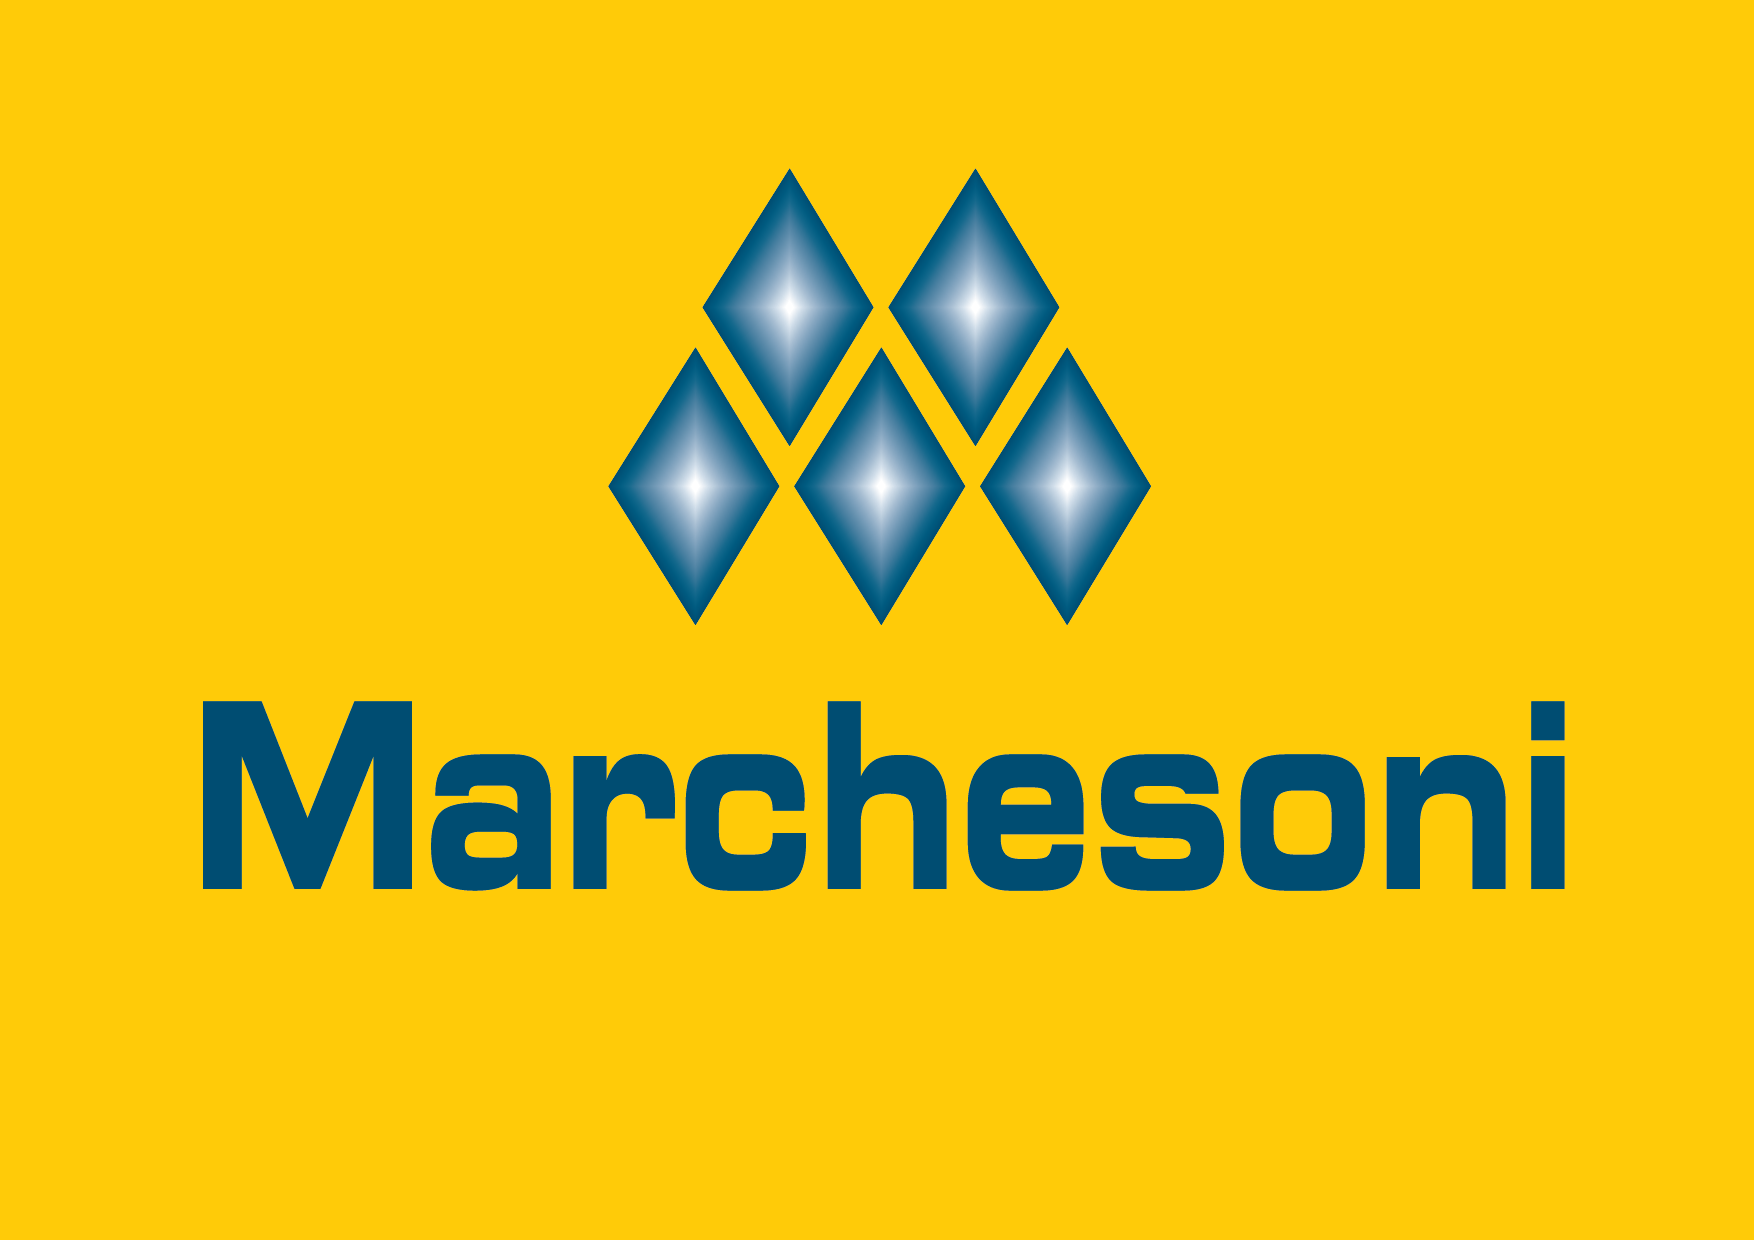 KIT com 5 Torres de Chopp MarcBeer Marchesoni 1,5 Litros - MB.2.150  - Carmel Equipamentos